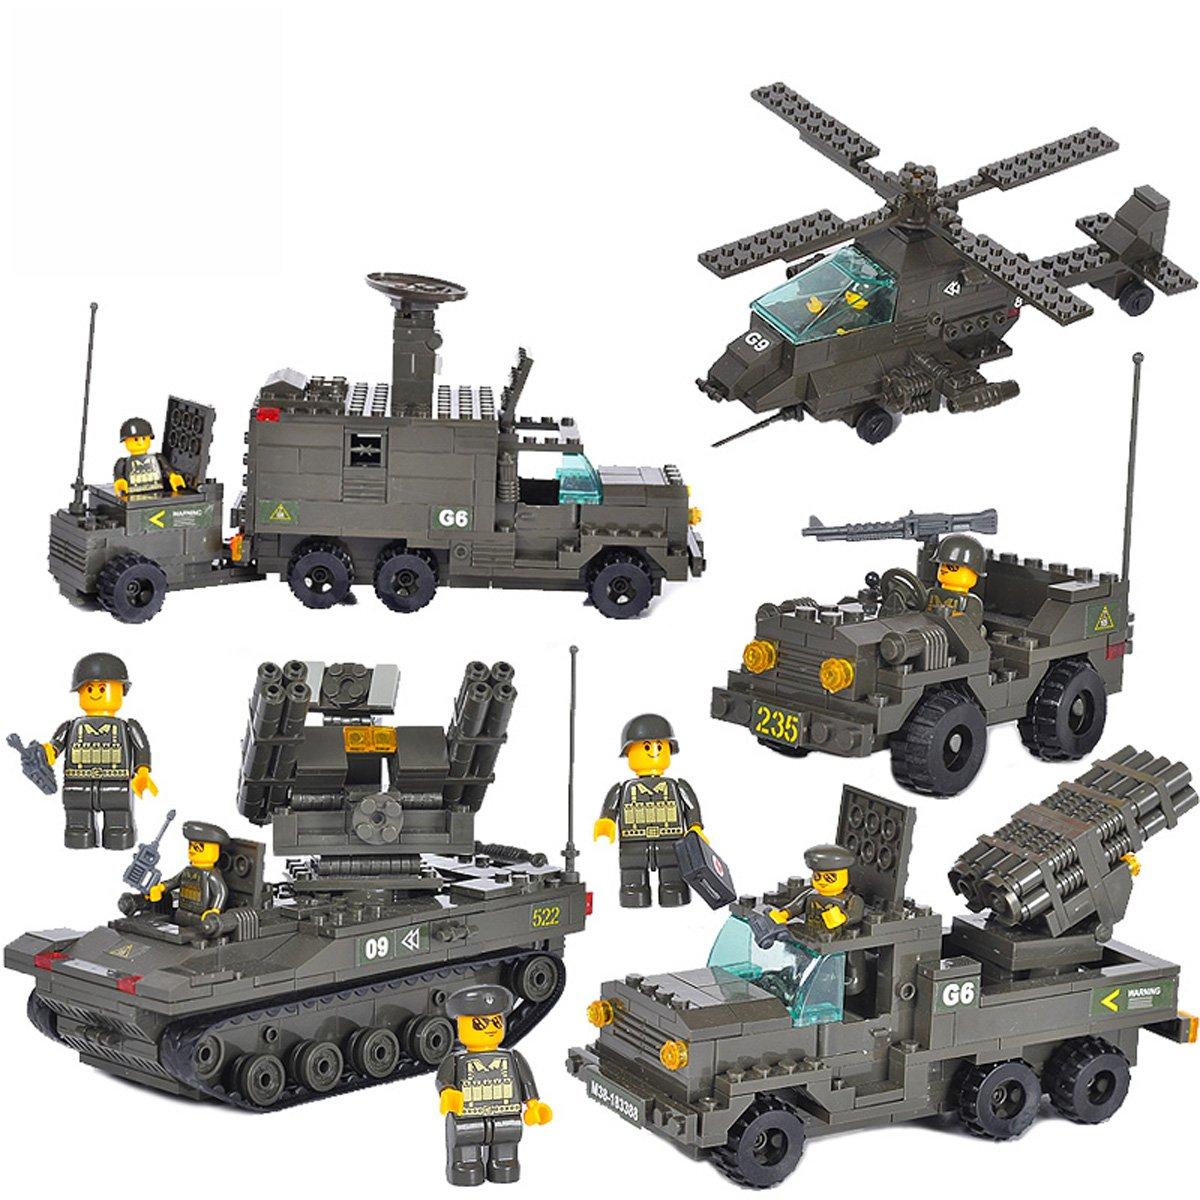 SLUBAN小鲁班v玩具玩具乐高式家具拼装图纸心中军事式积木图片